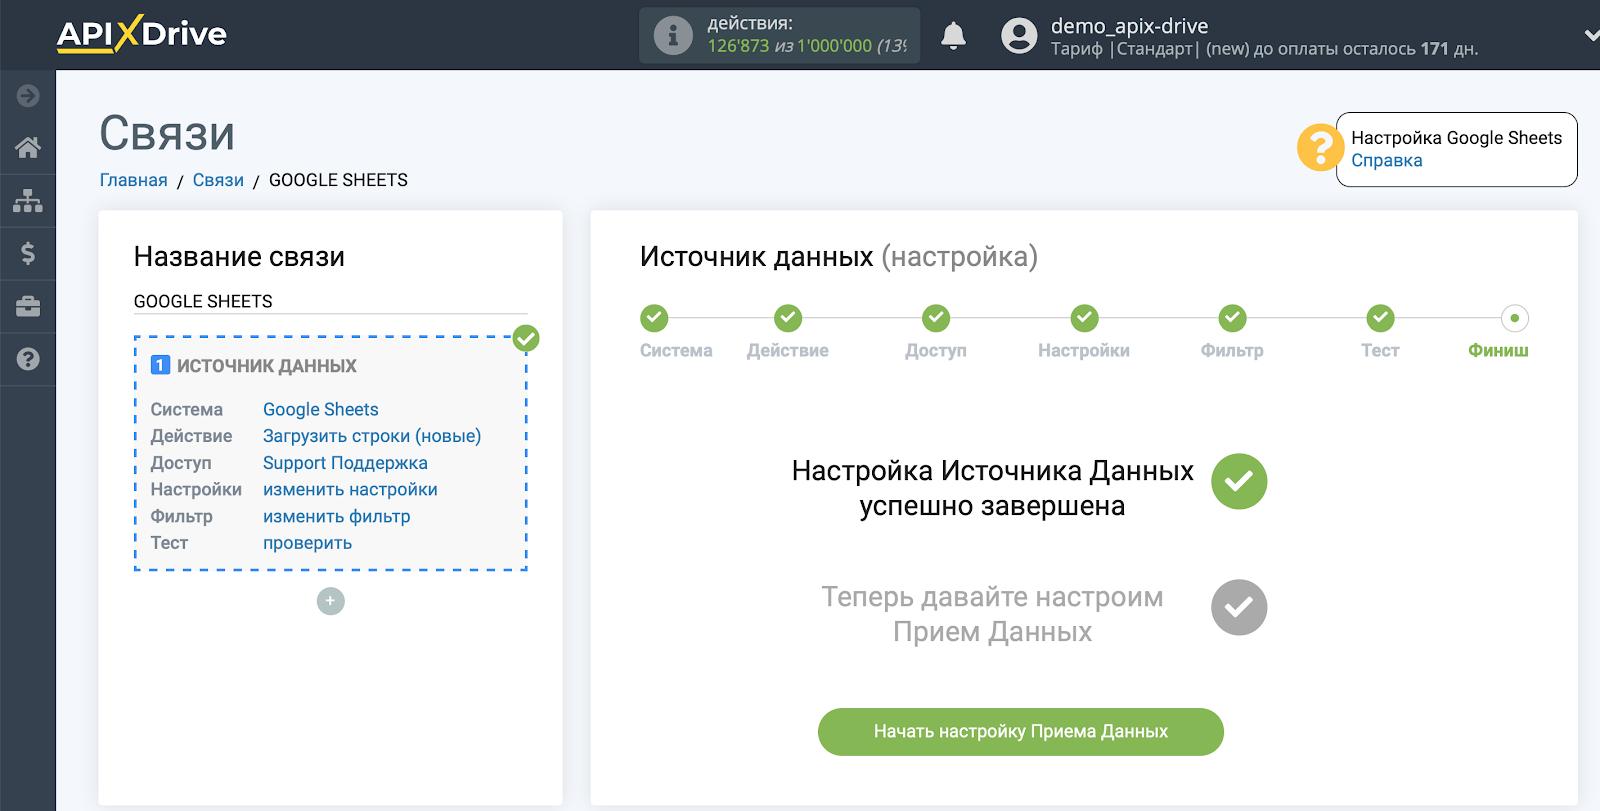 Настройка Приема данных в SMSprofi  | Переход к настройке Приема данных